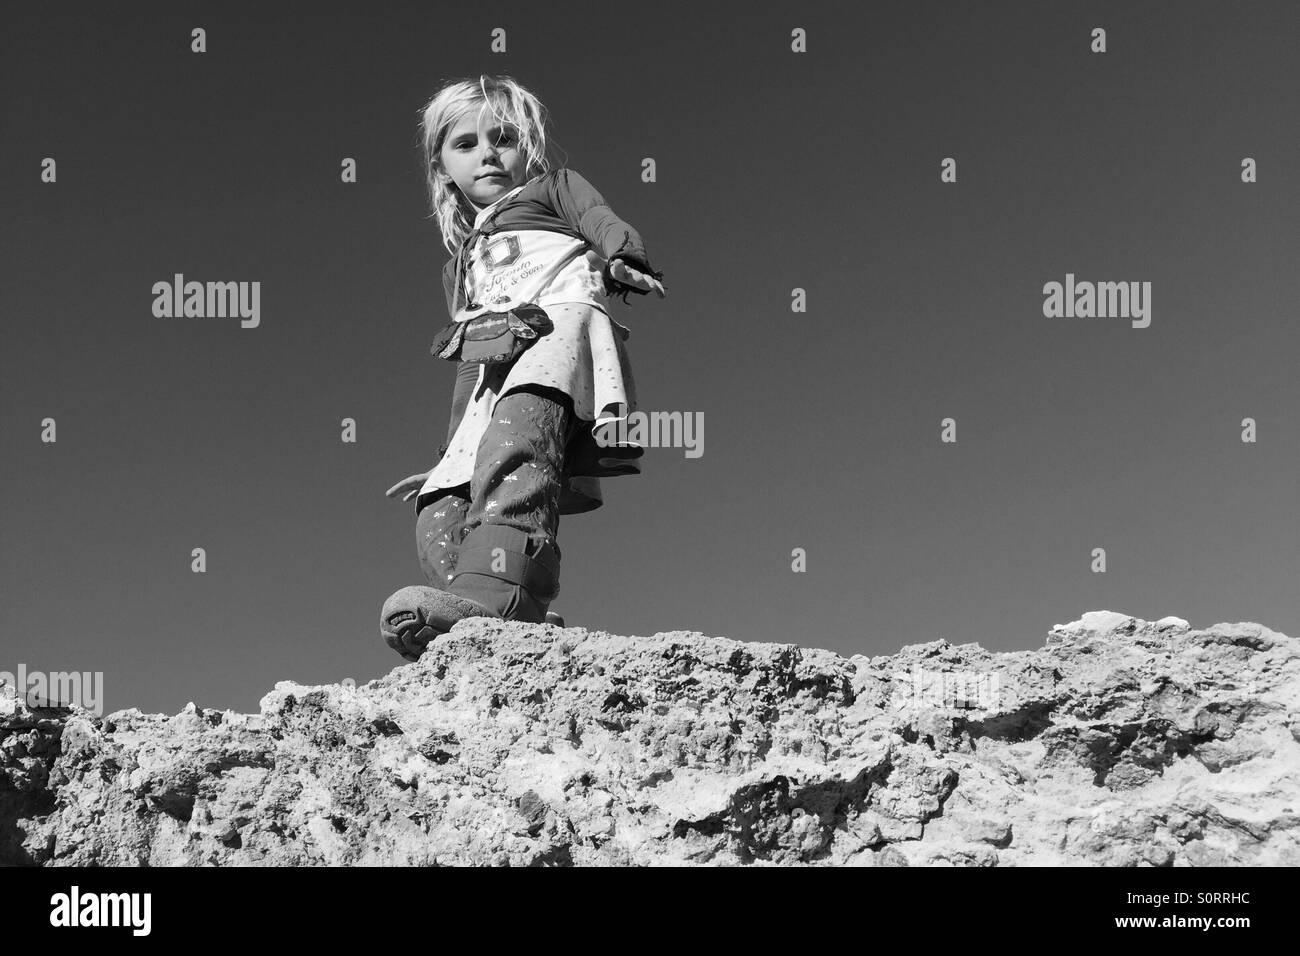 Mädchen immer bereit, springen Stockbild